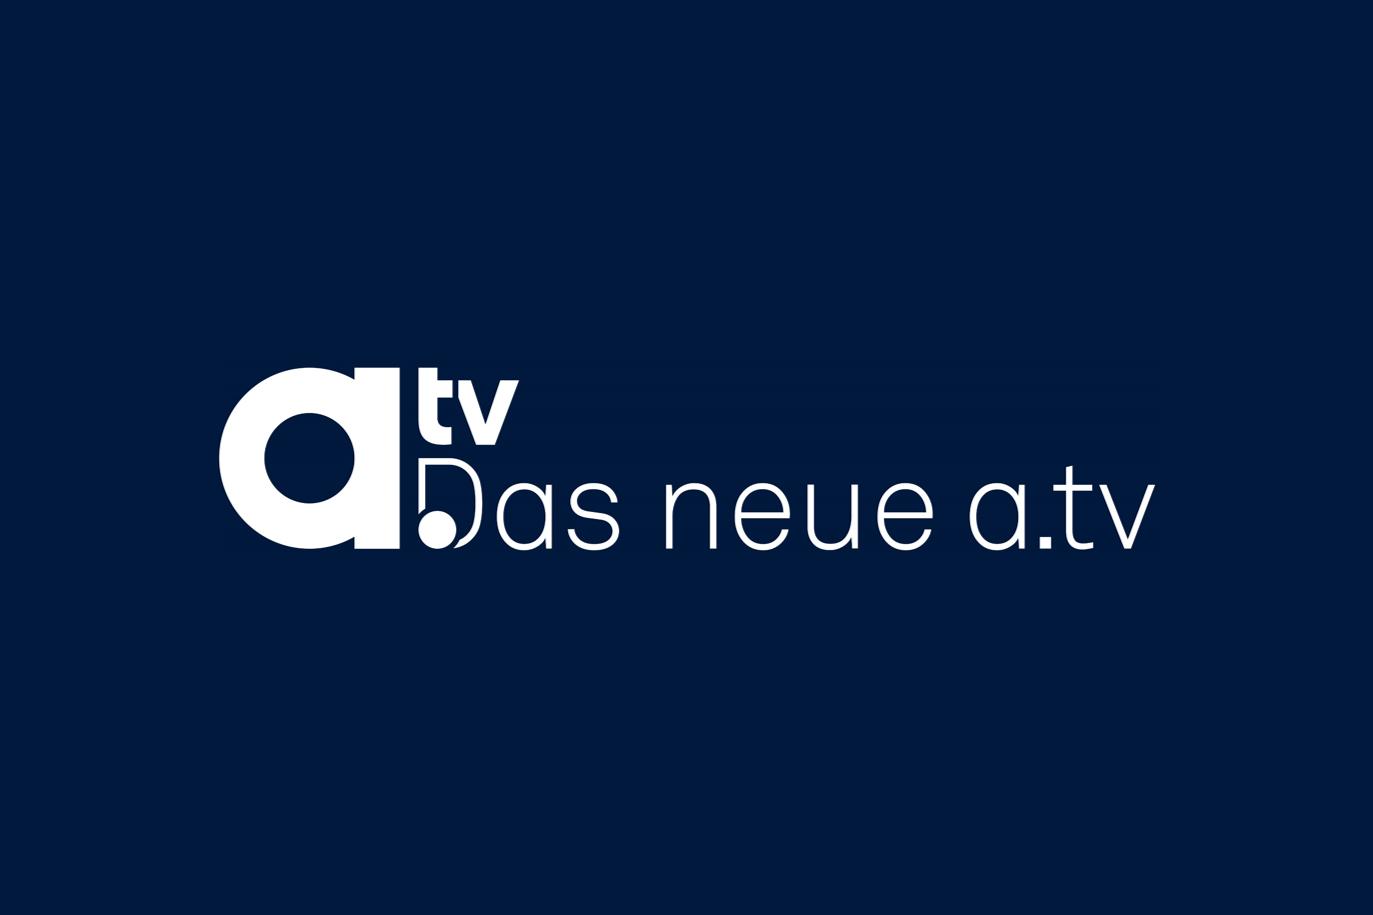 das neue a.tv